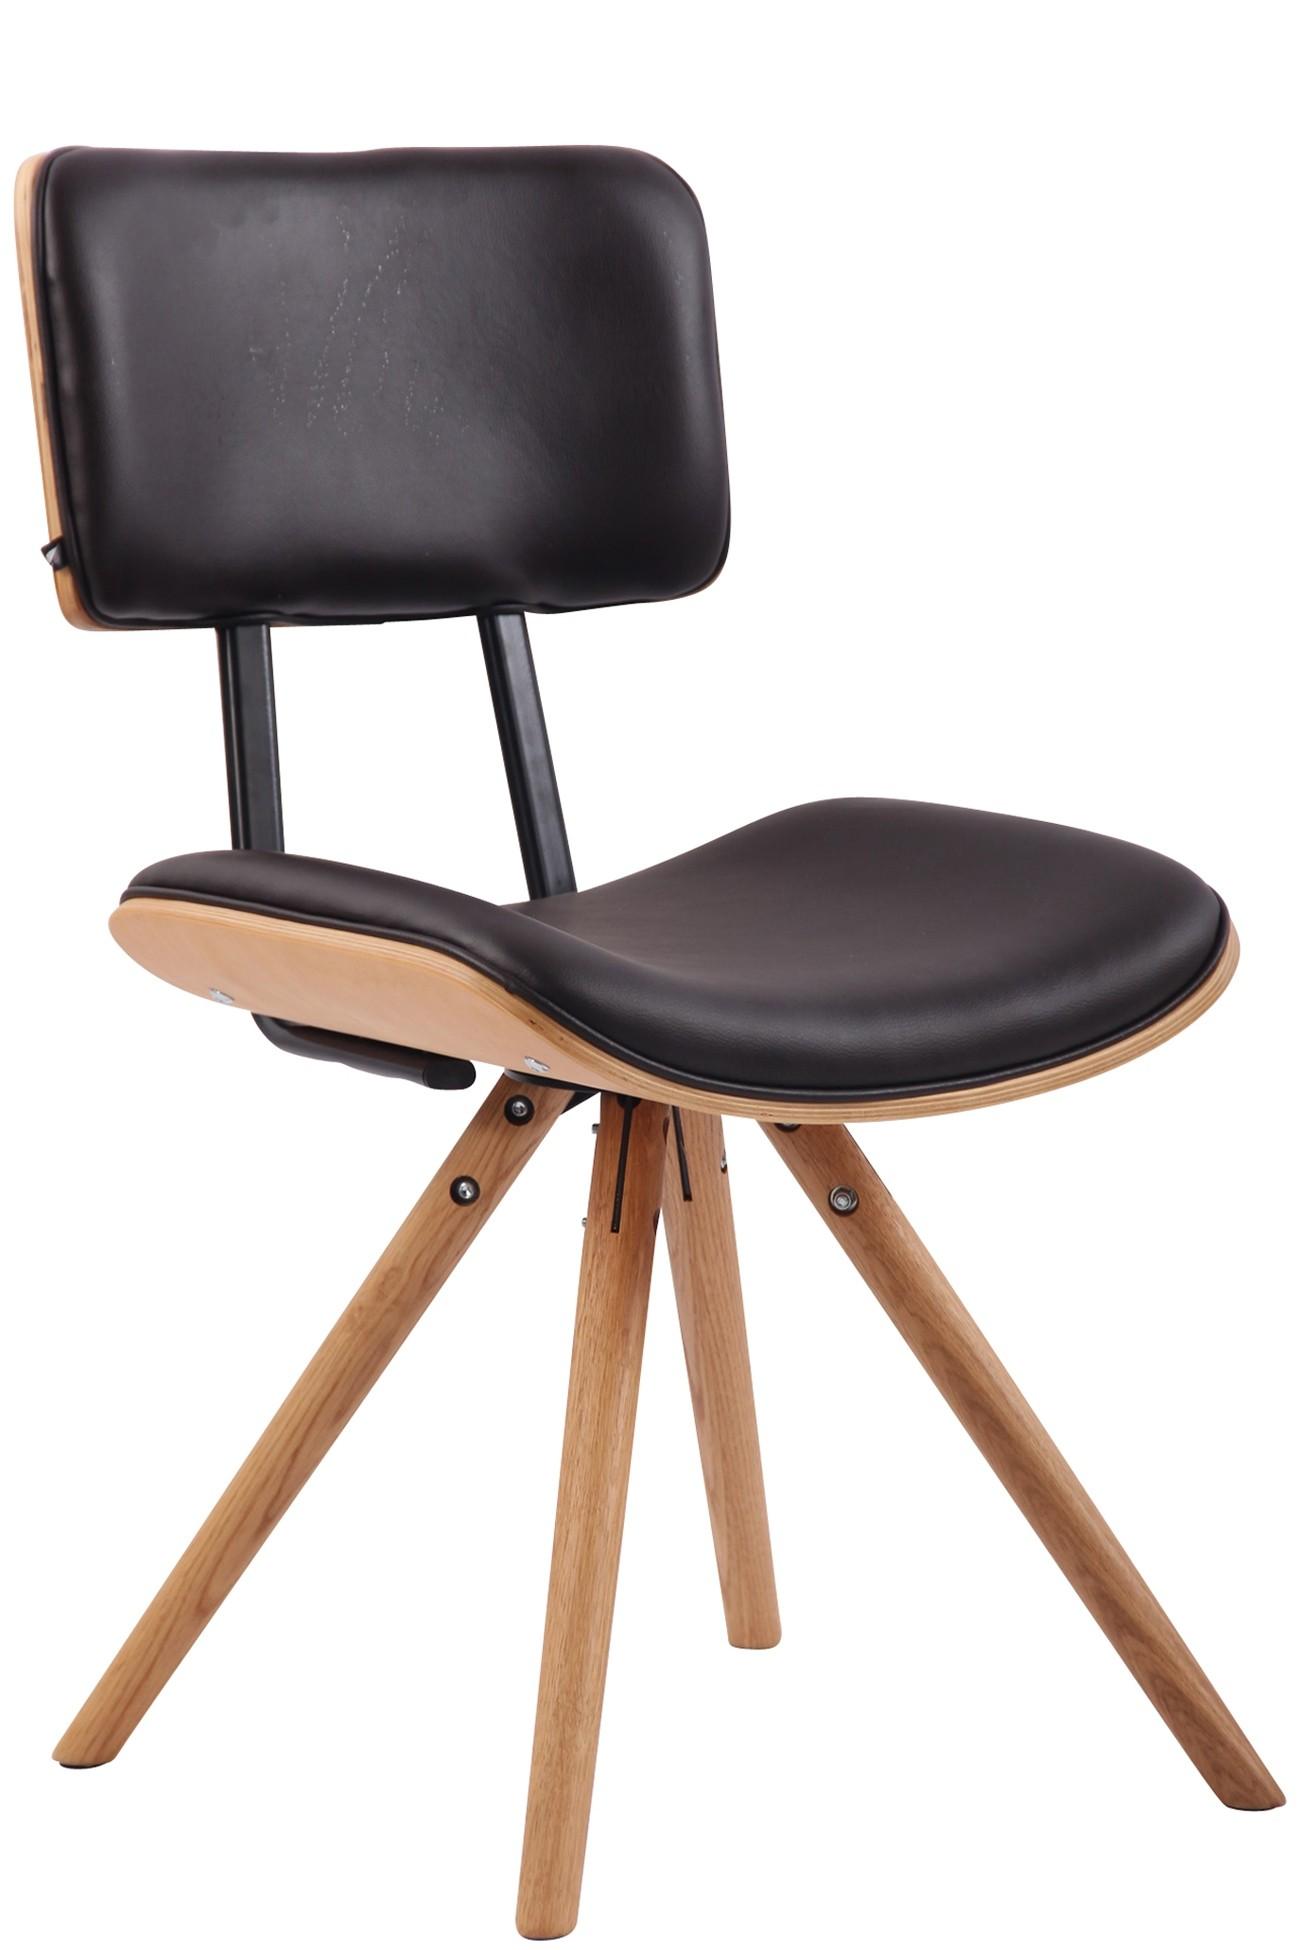 Chaise de salle à manger Delft en similicuir